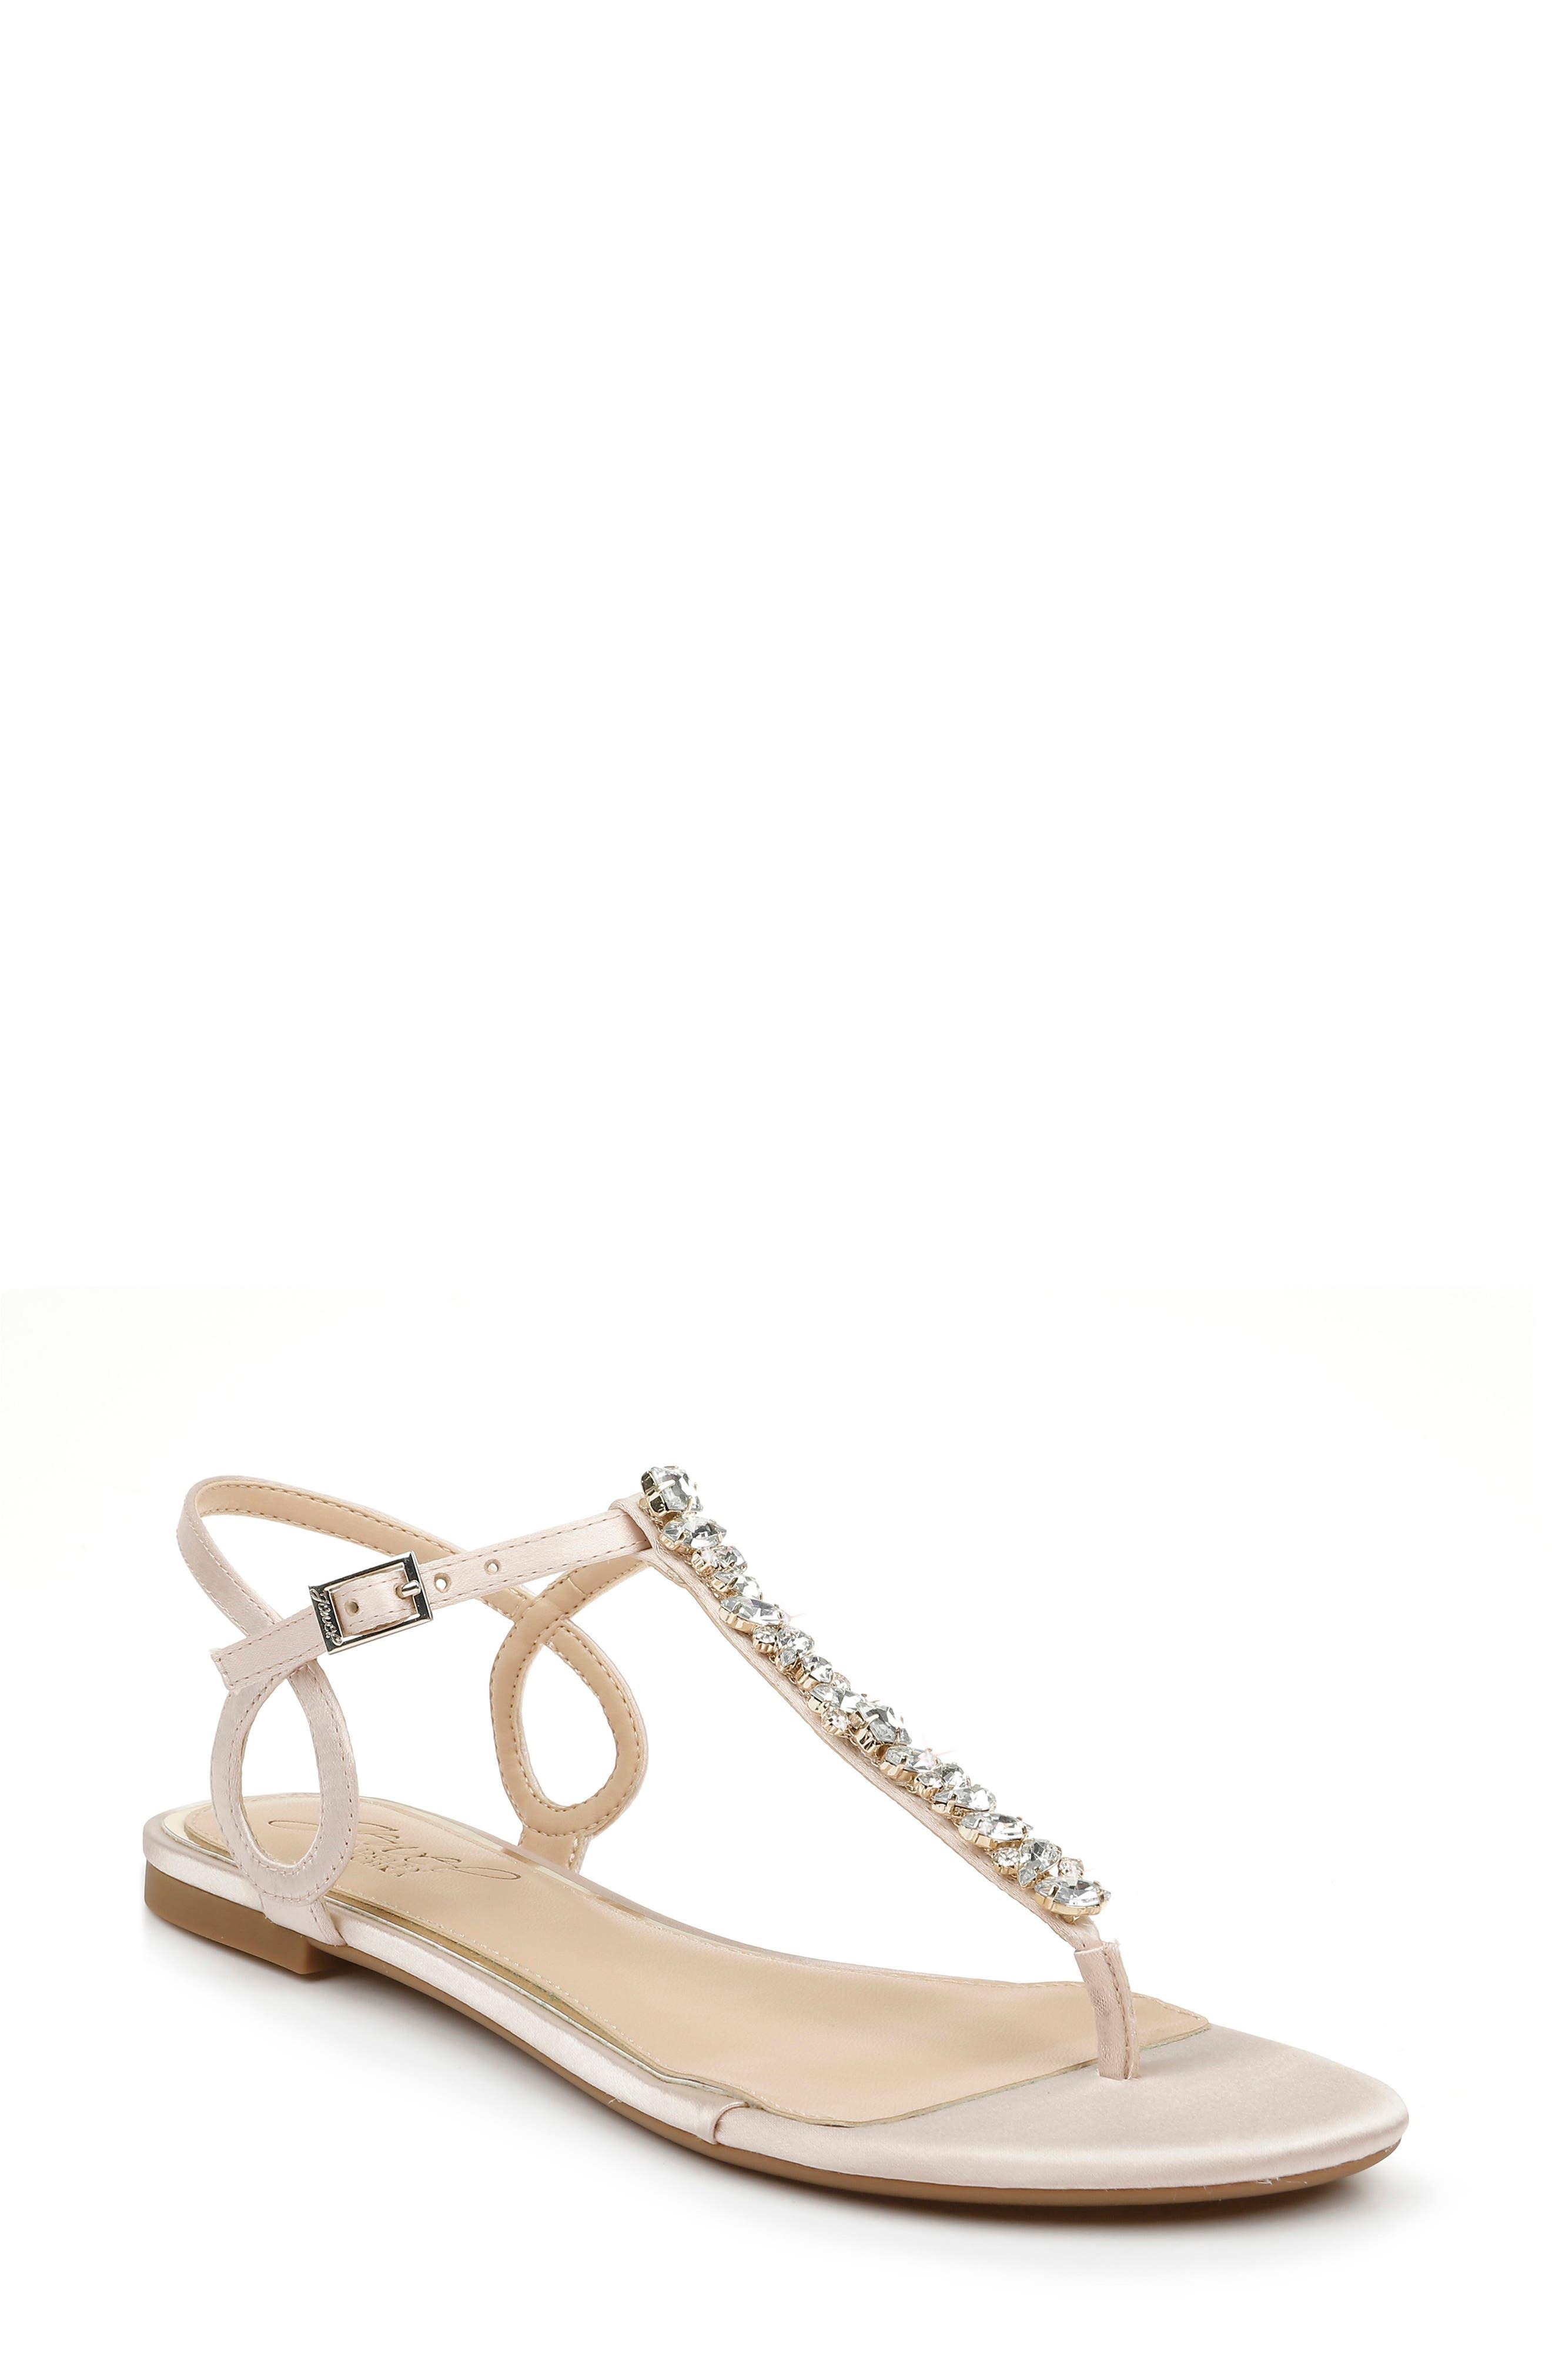 Natalie Embellished Sandal